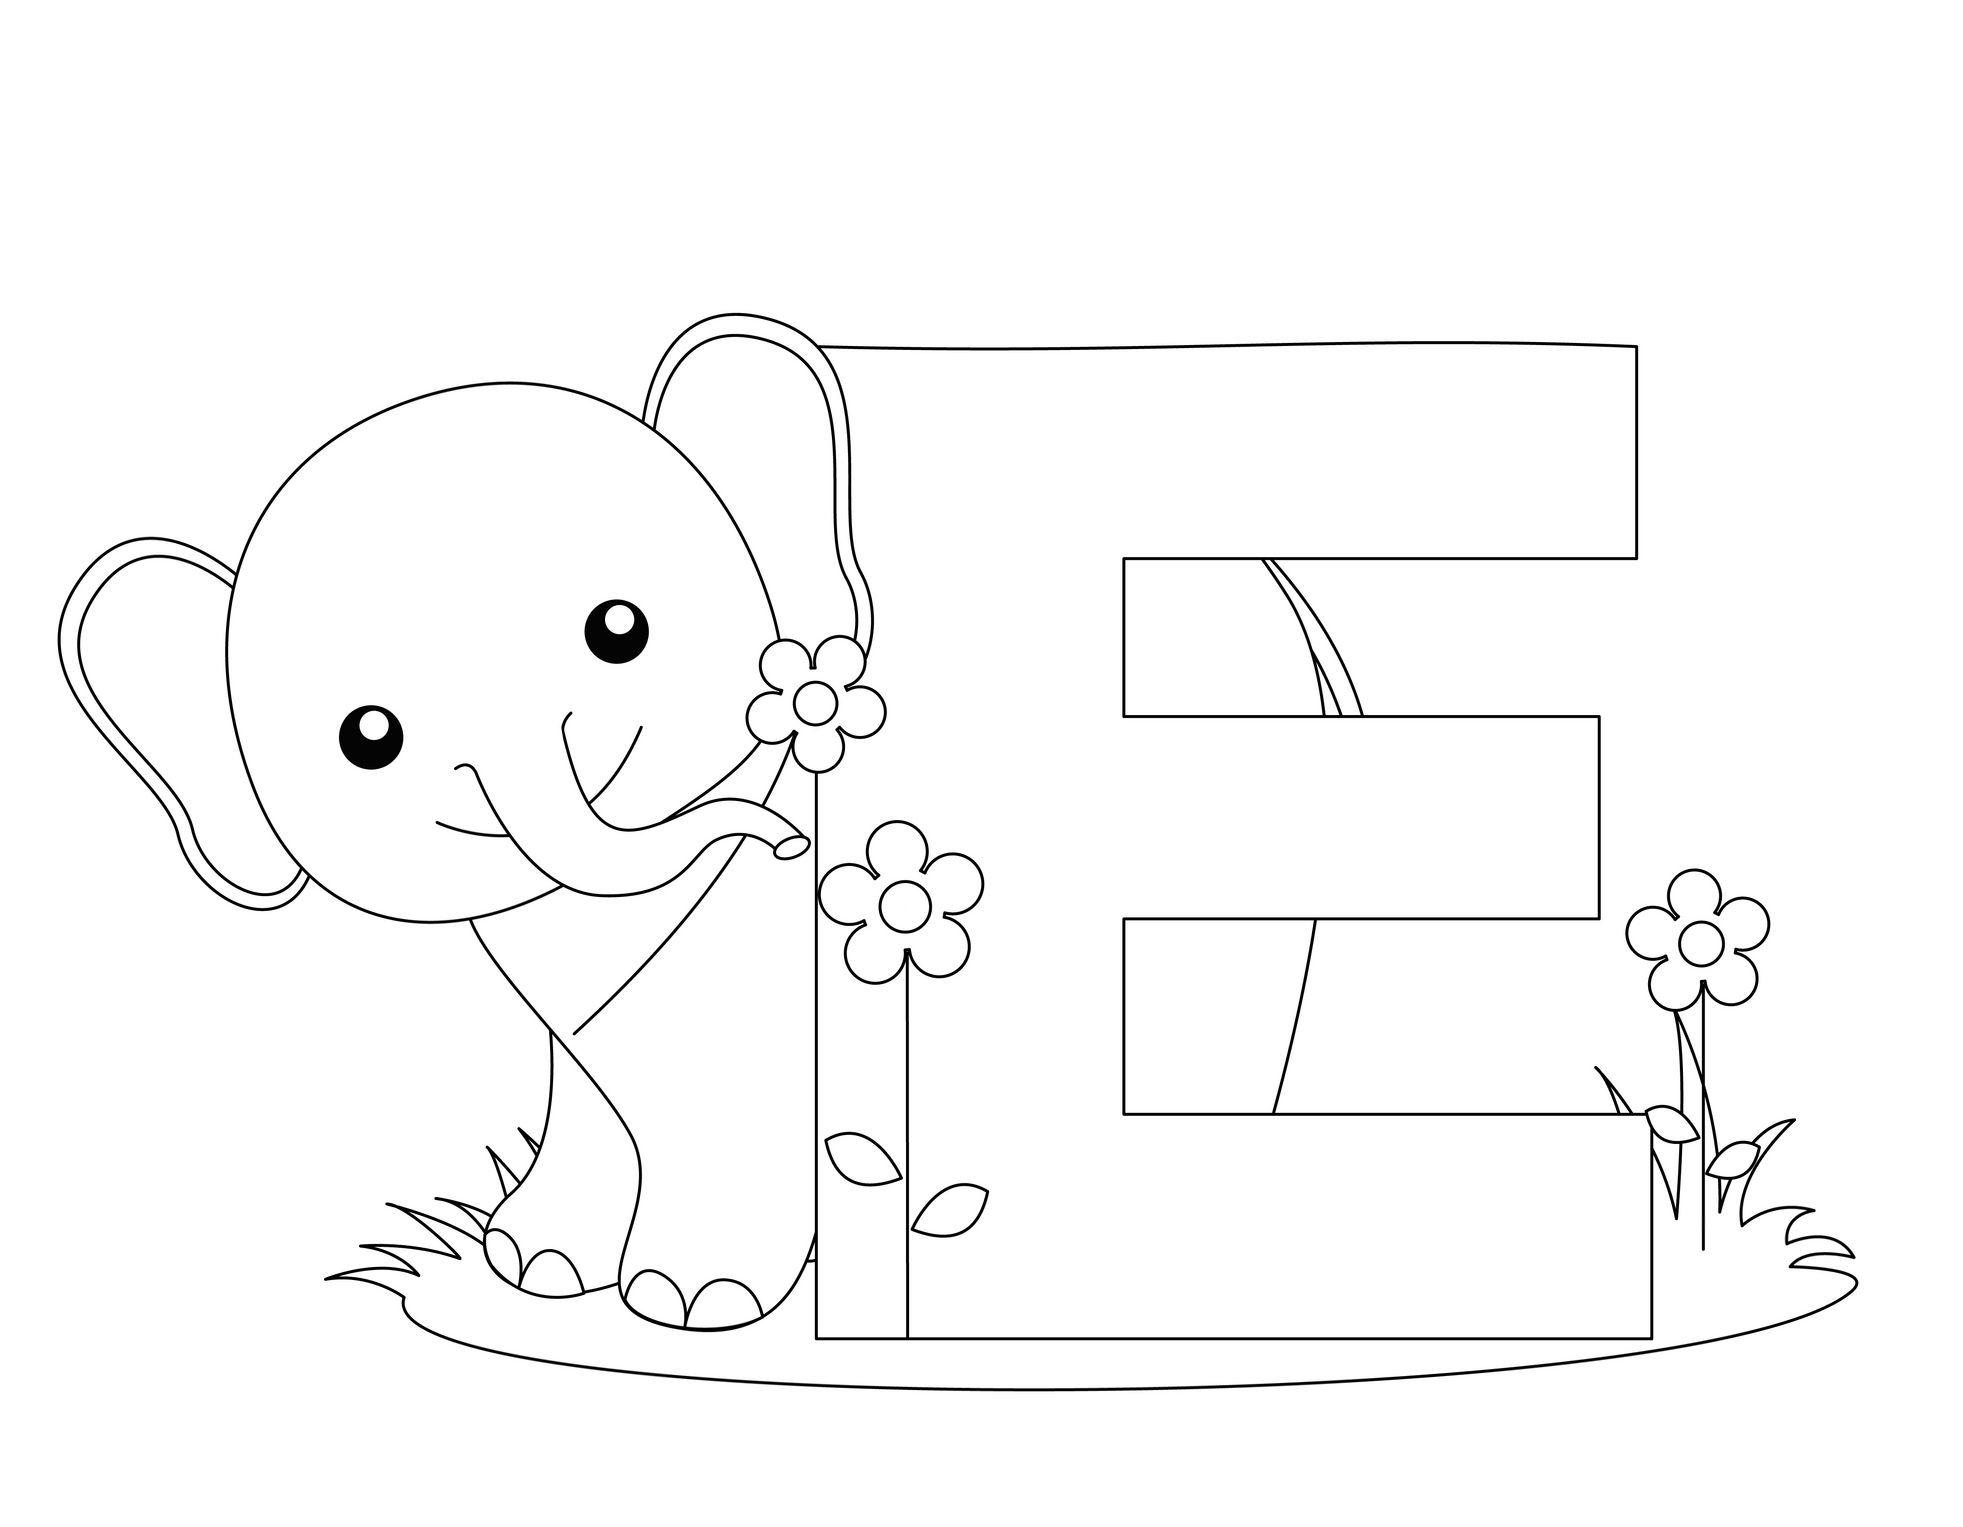 Preschool Worksheets To Print Animal Alphabet Letter E